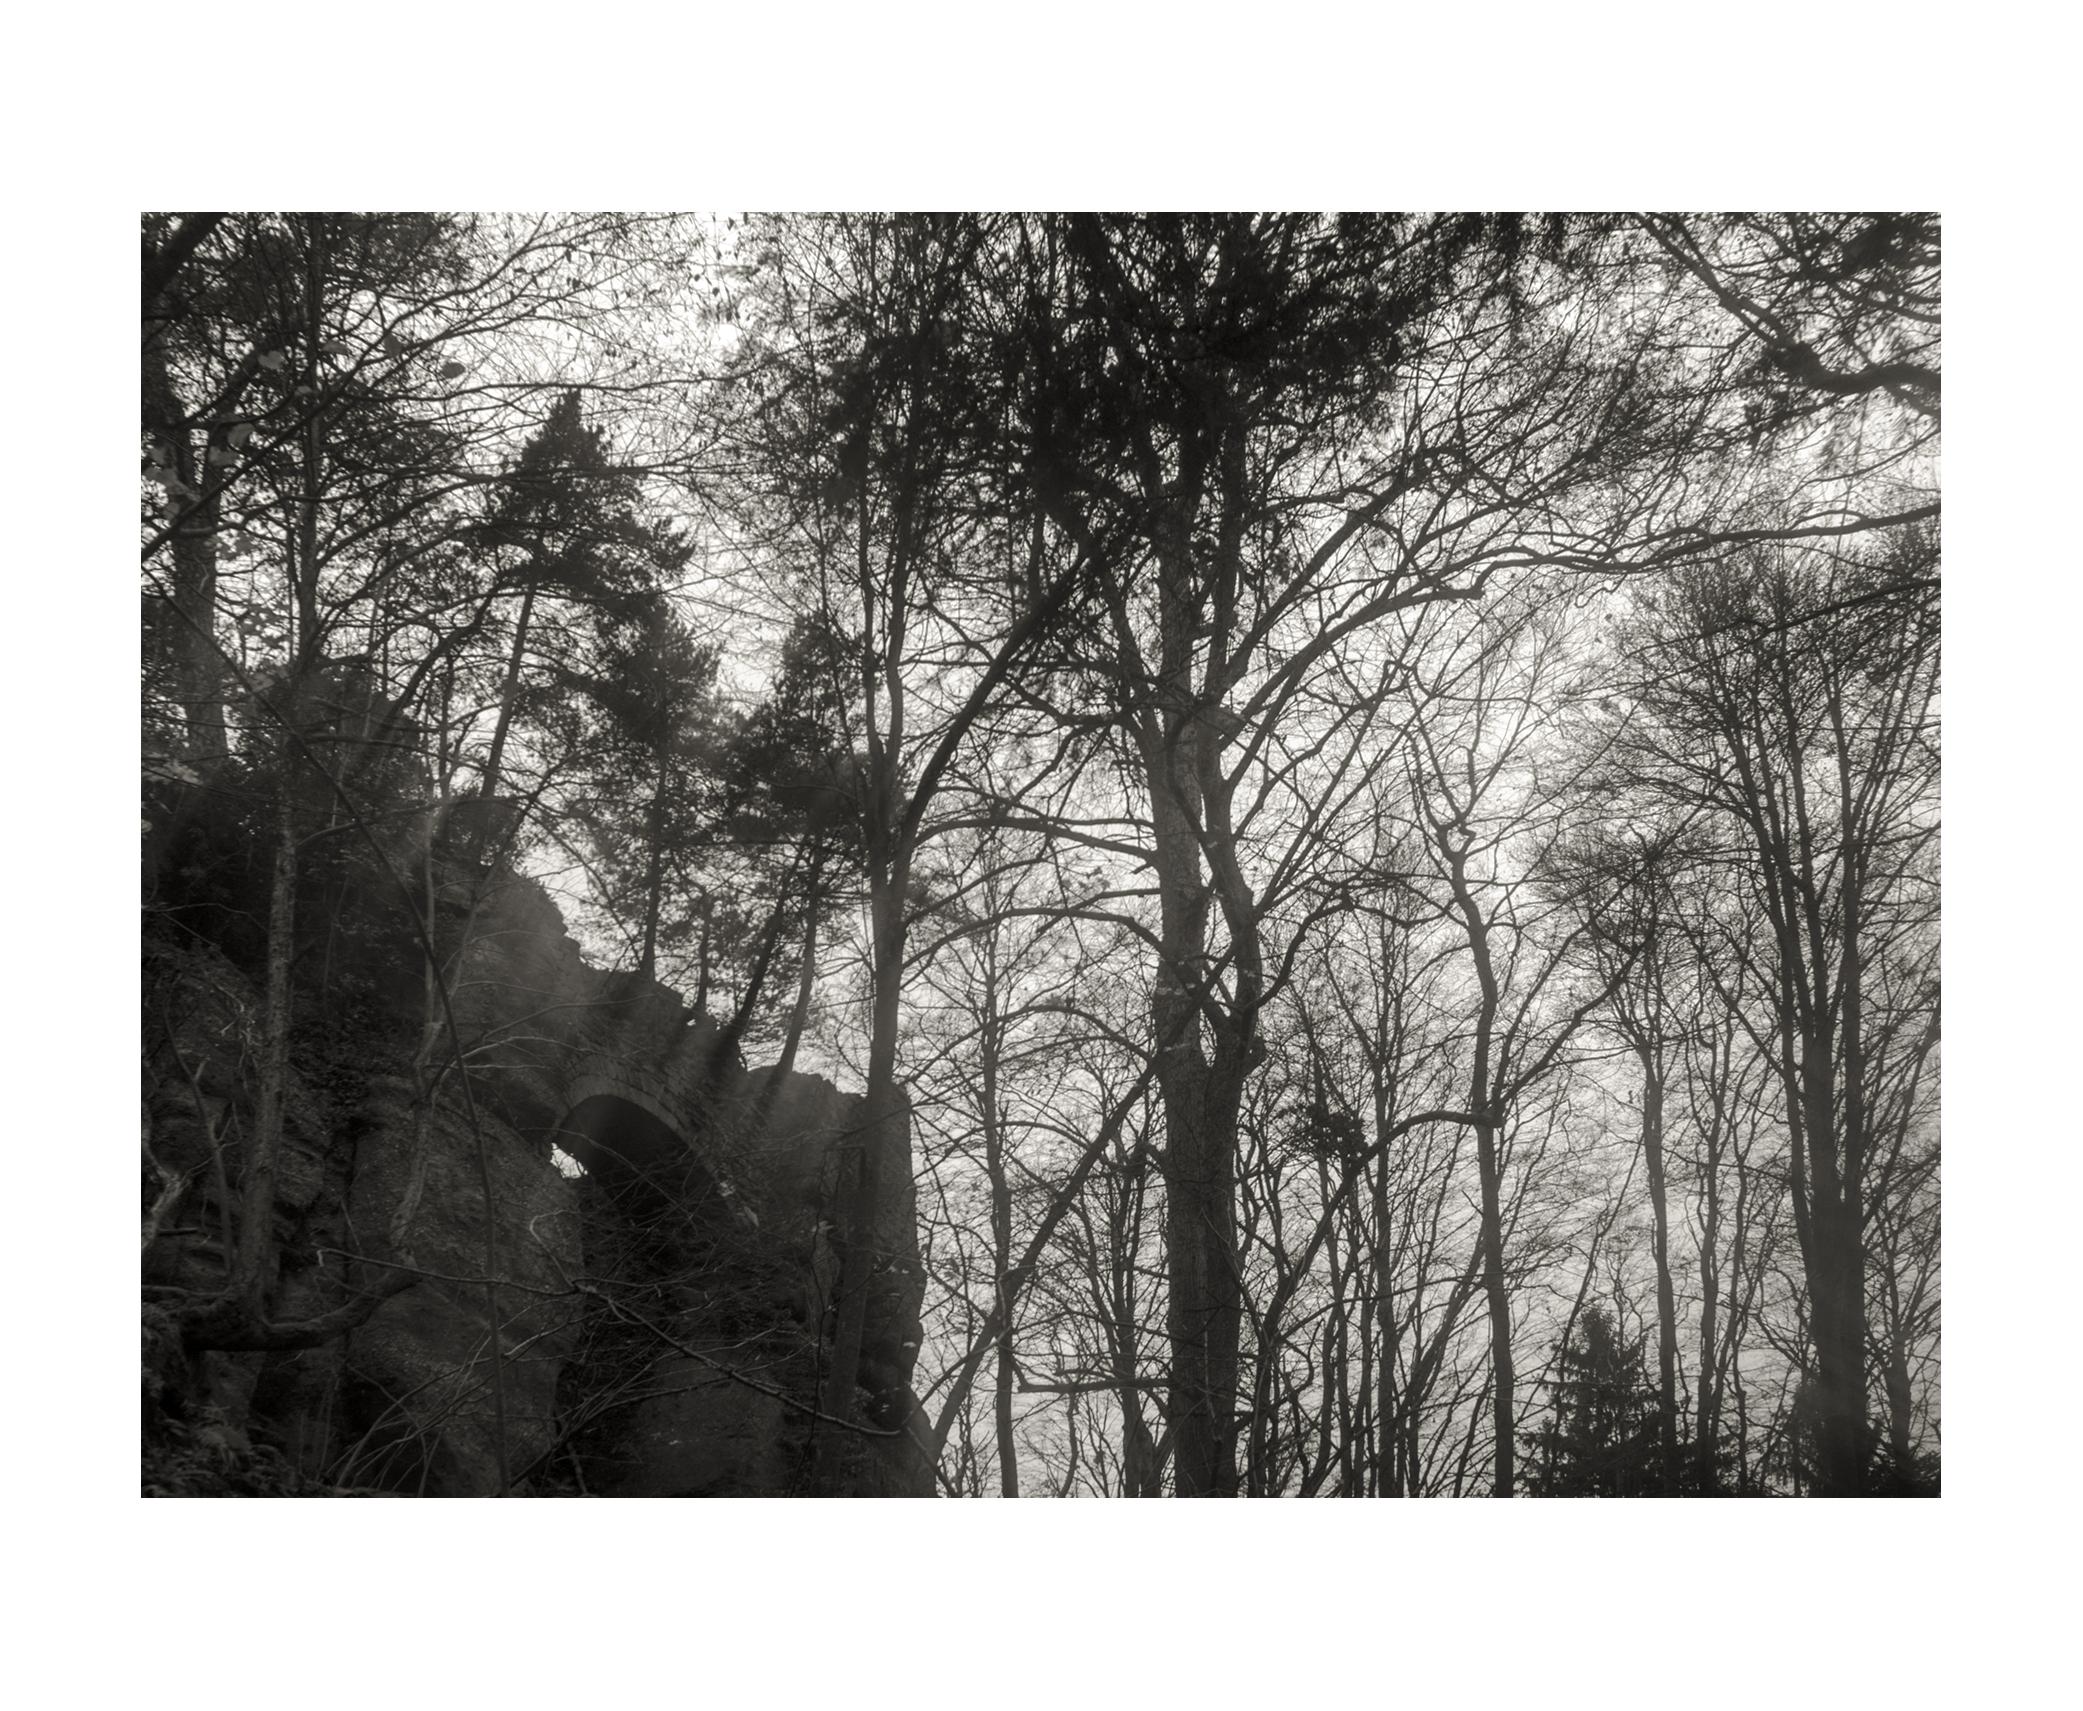 Château du Hagelschloss © Stéphane Louis, 2016